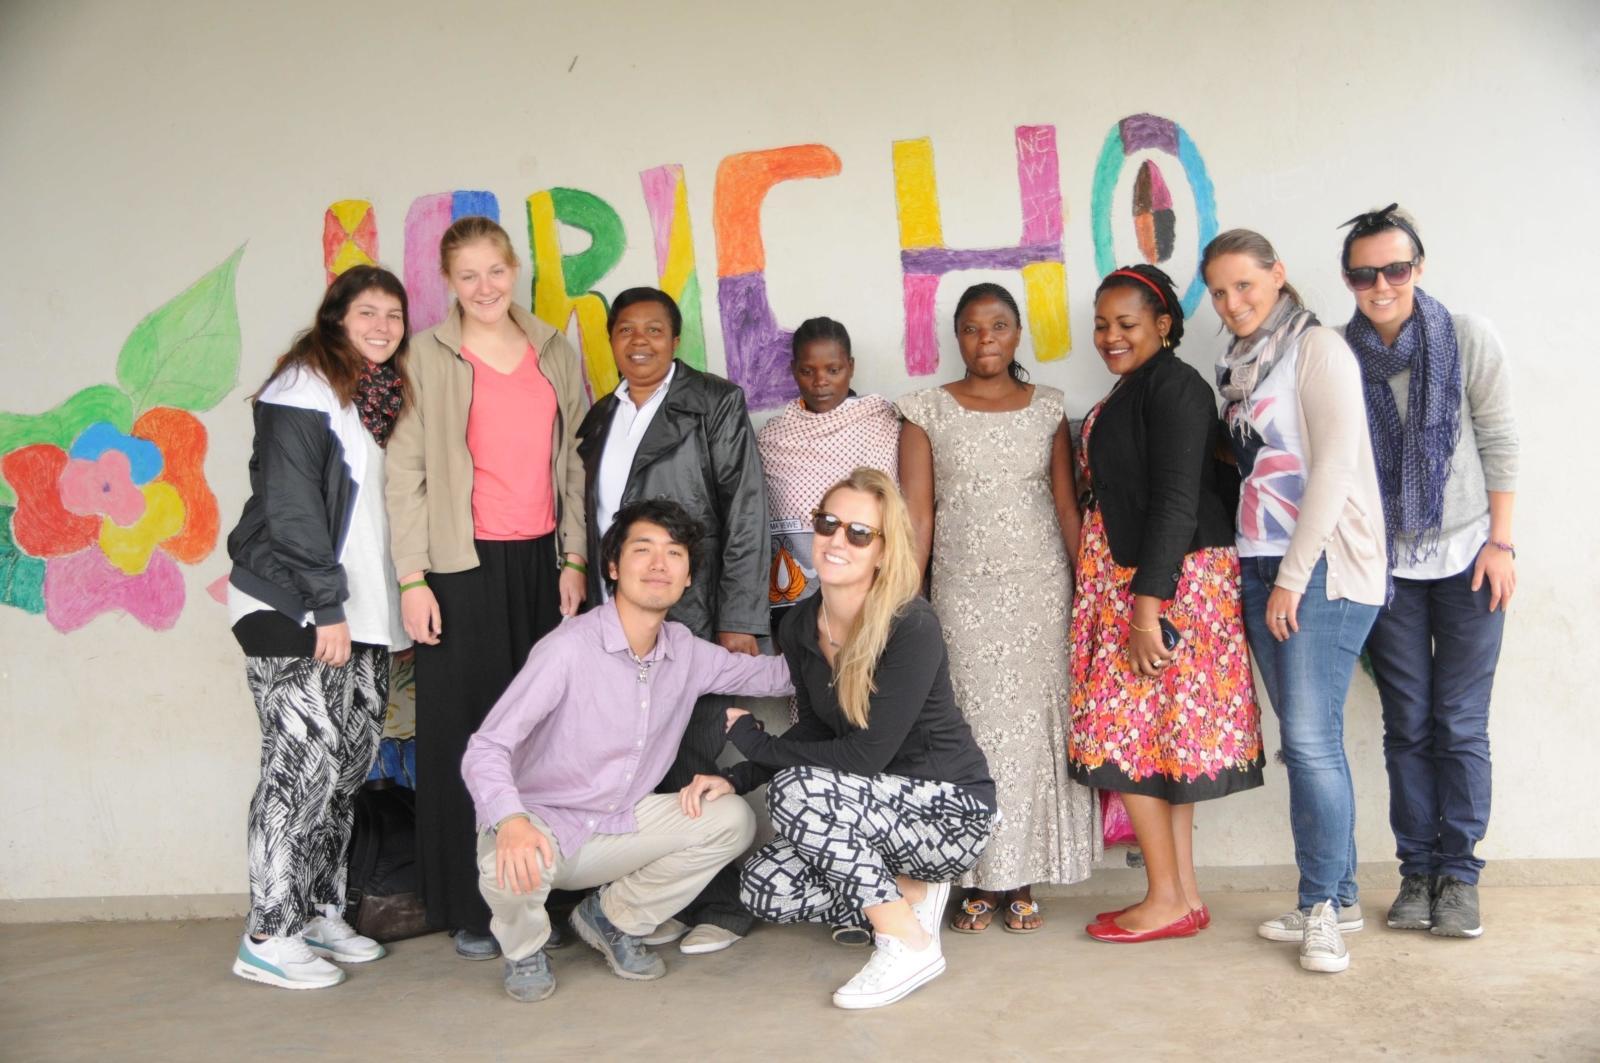 発展途上国の地で出会った社会人ボランティアの仲間